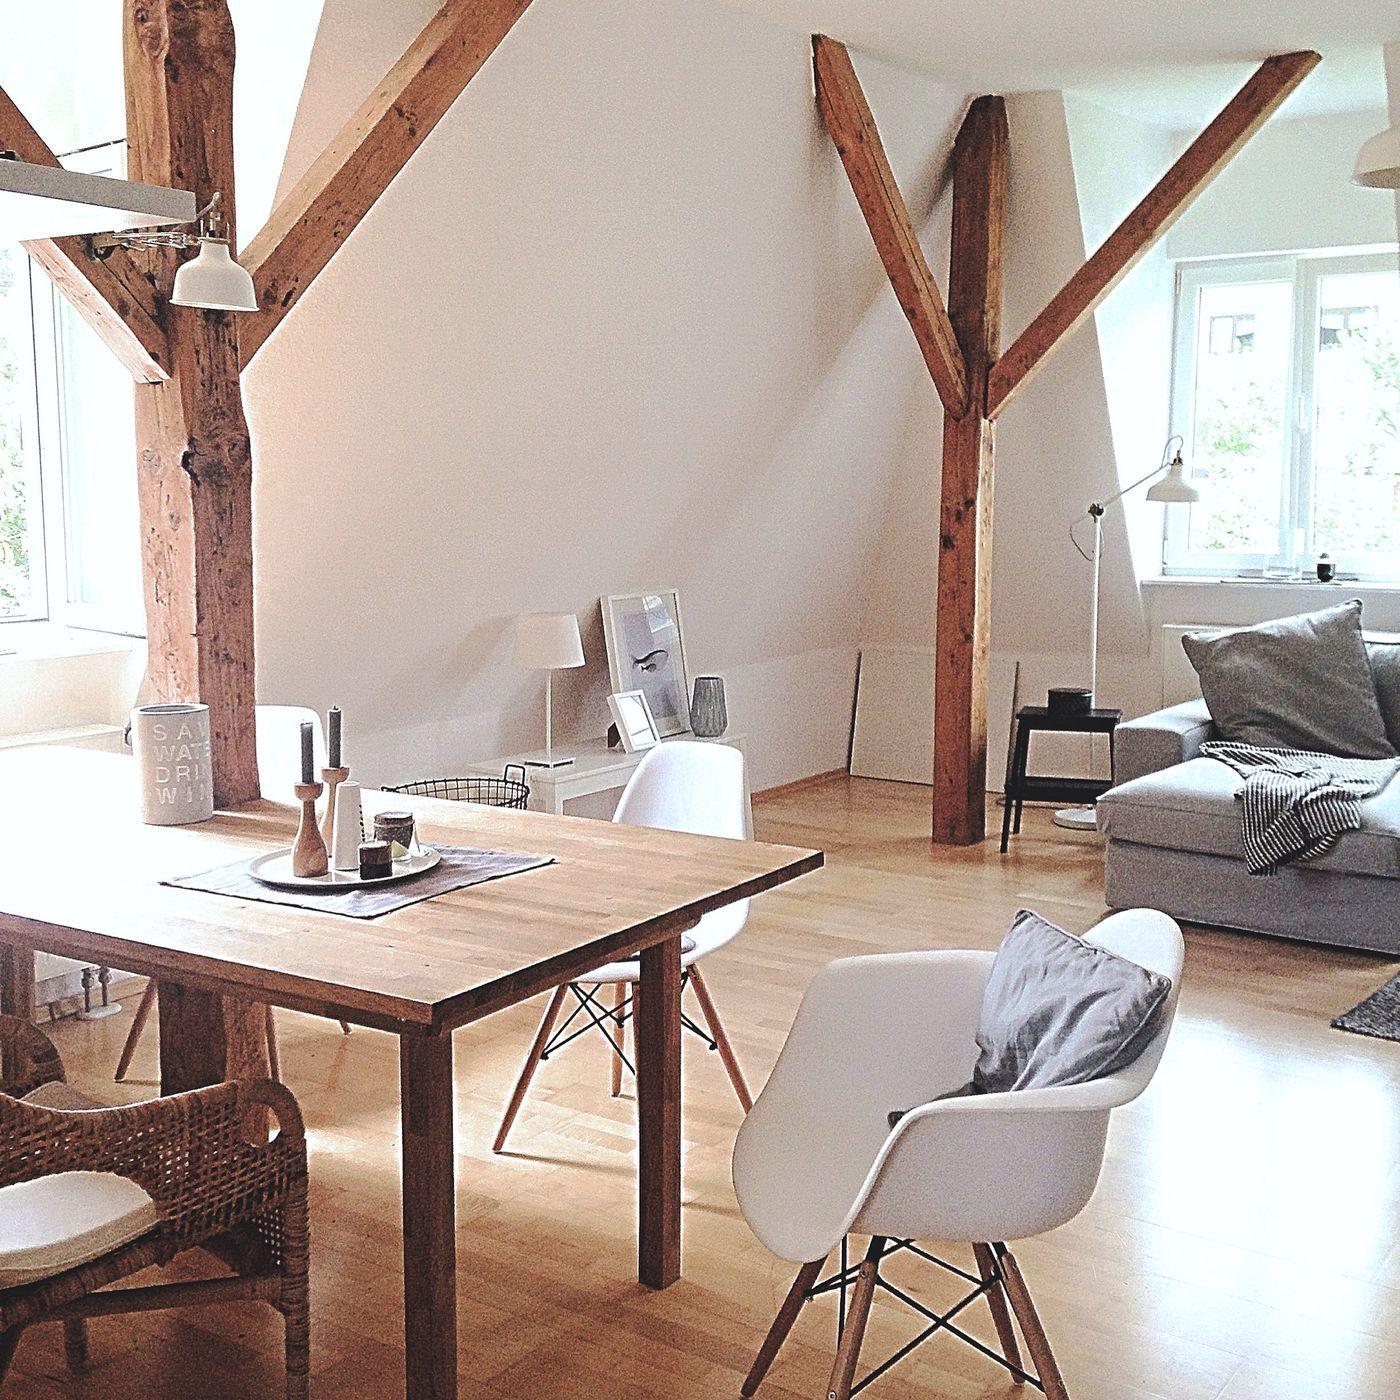 Full Size of Wohnzimmerlampen Ikea Betten 160x200 Küche Kosten Bei Sofa Mit Schlaffunktion Modulküche Miniküche Kaufen Wohnzimmer Wohnzimmerlampen Ikea